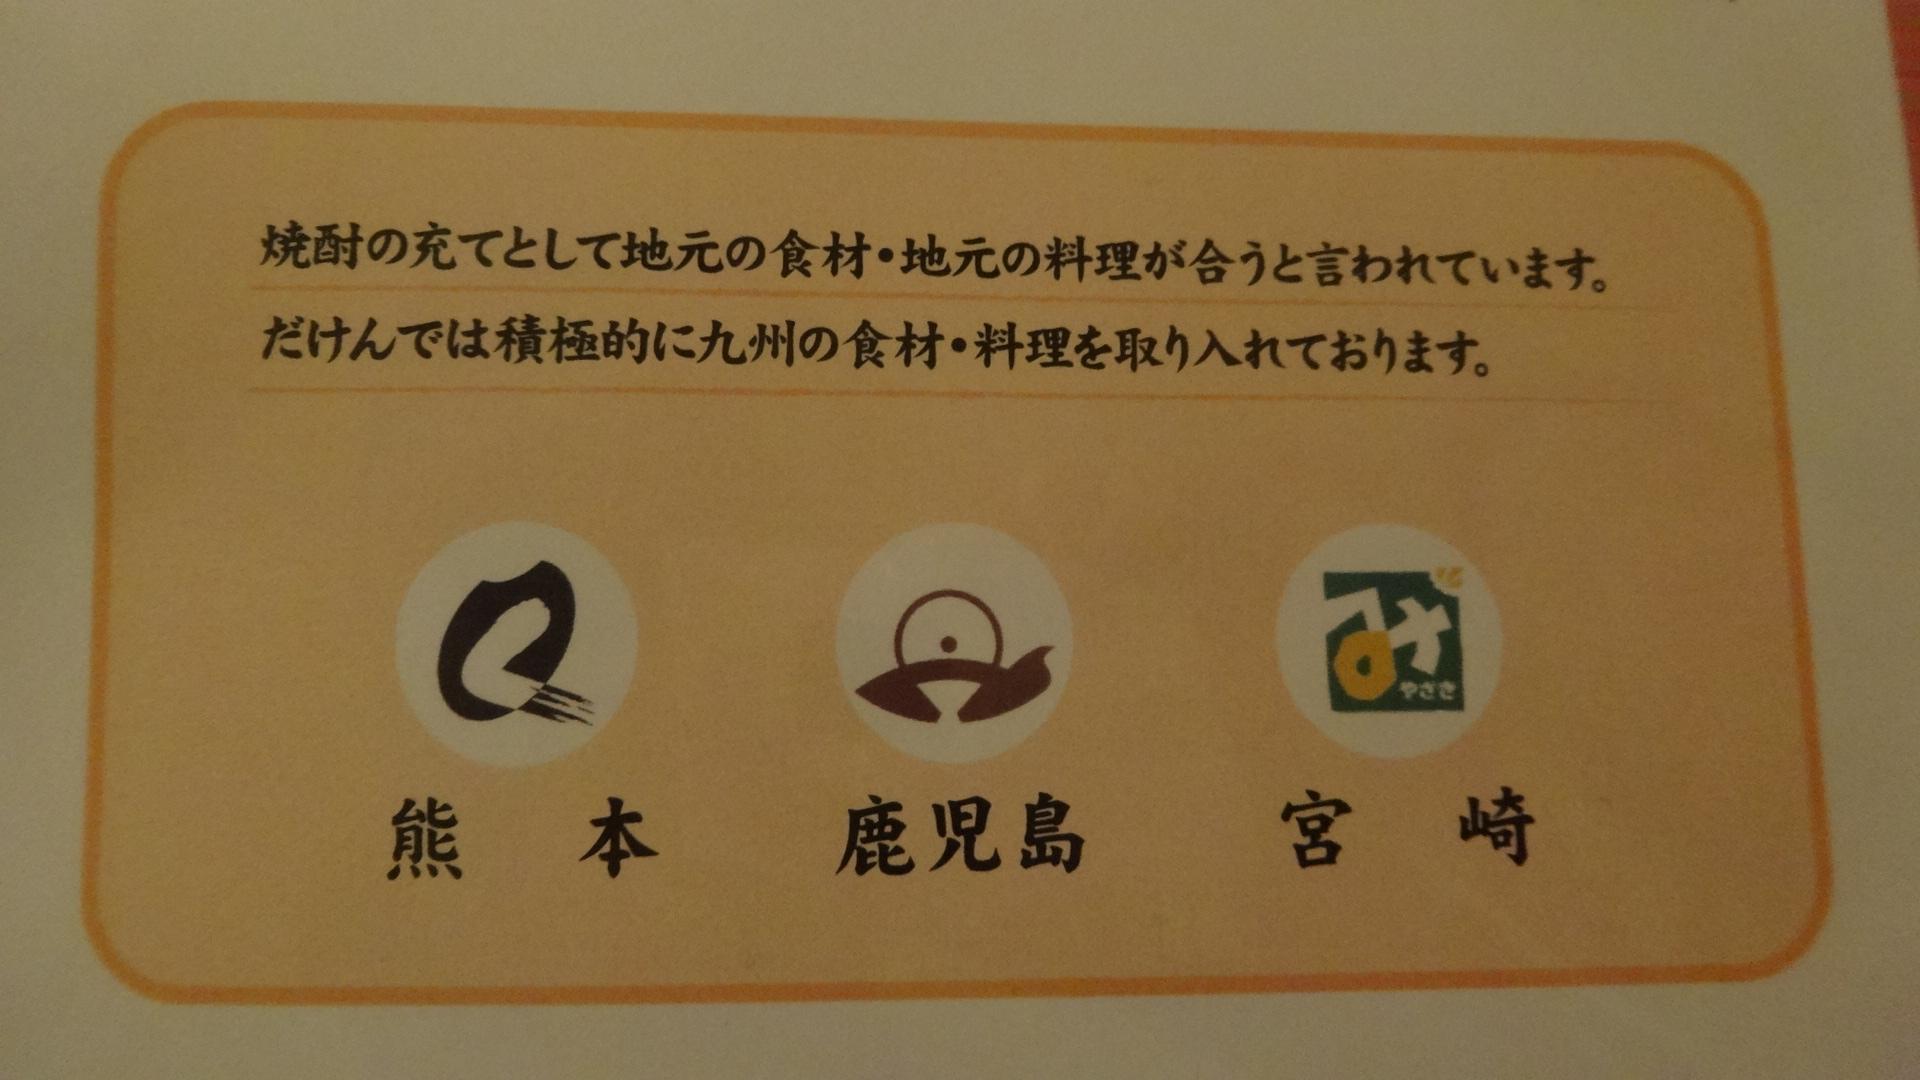 九州関連のメニュー